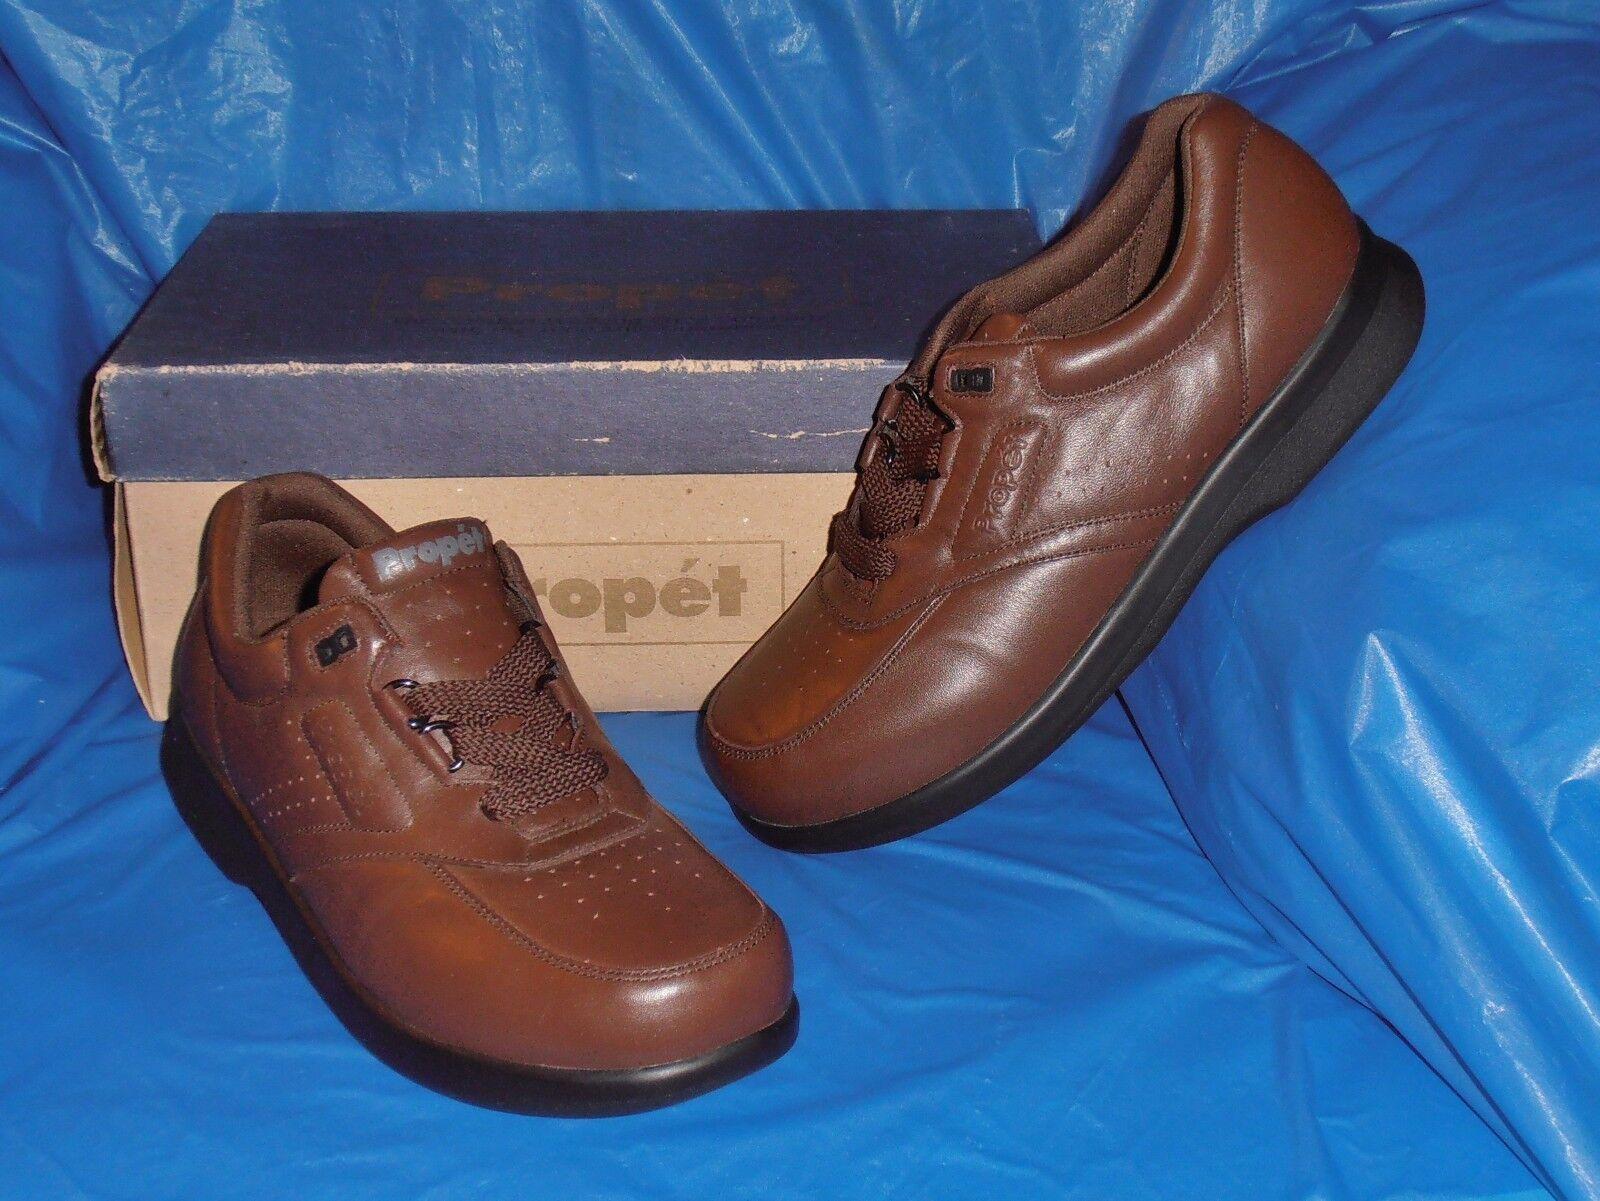 Propet, Uomo marrone Lite Comfort Walking shoe. 12 EEE